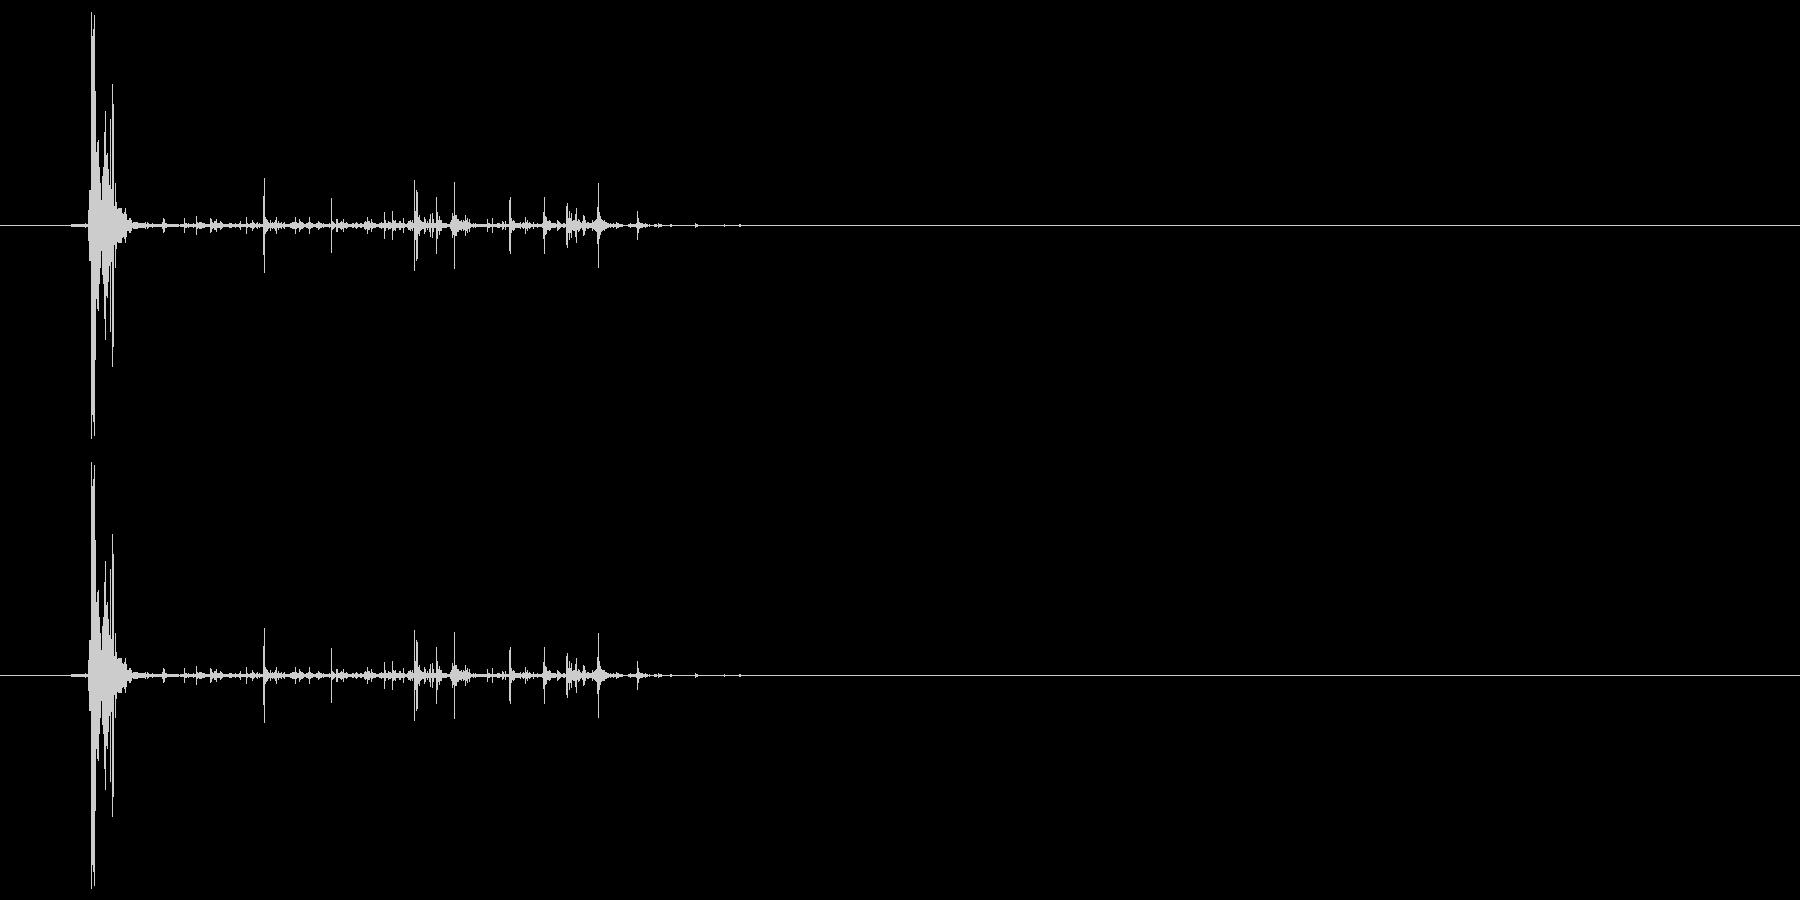 ネバネバしたものを潰す音2の未再生の波形